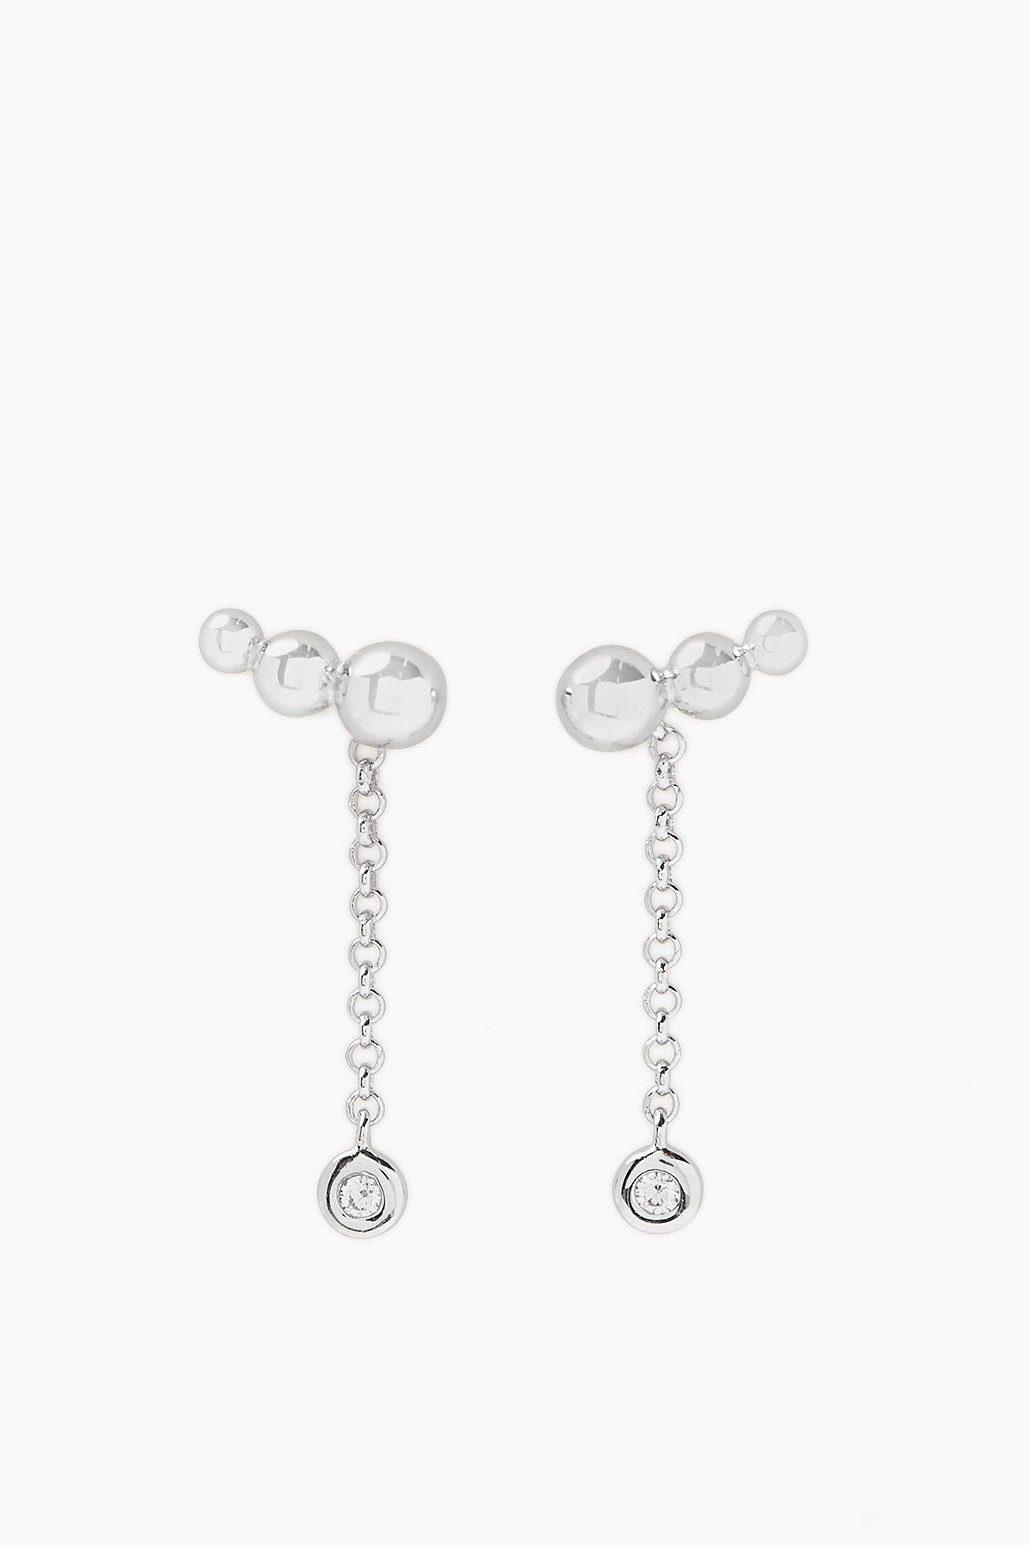 ESPRIT CASUAL 2-in-1 Ohrringe mit Anhänger aus Silber